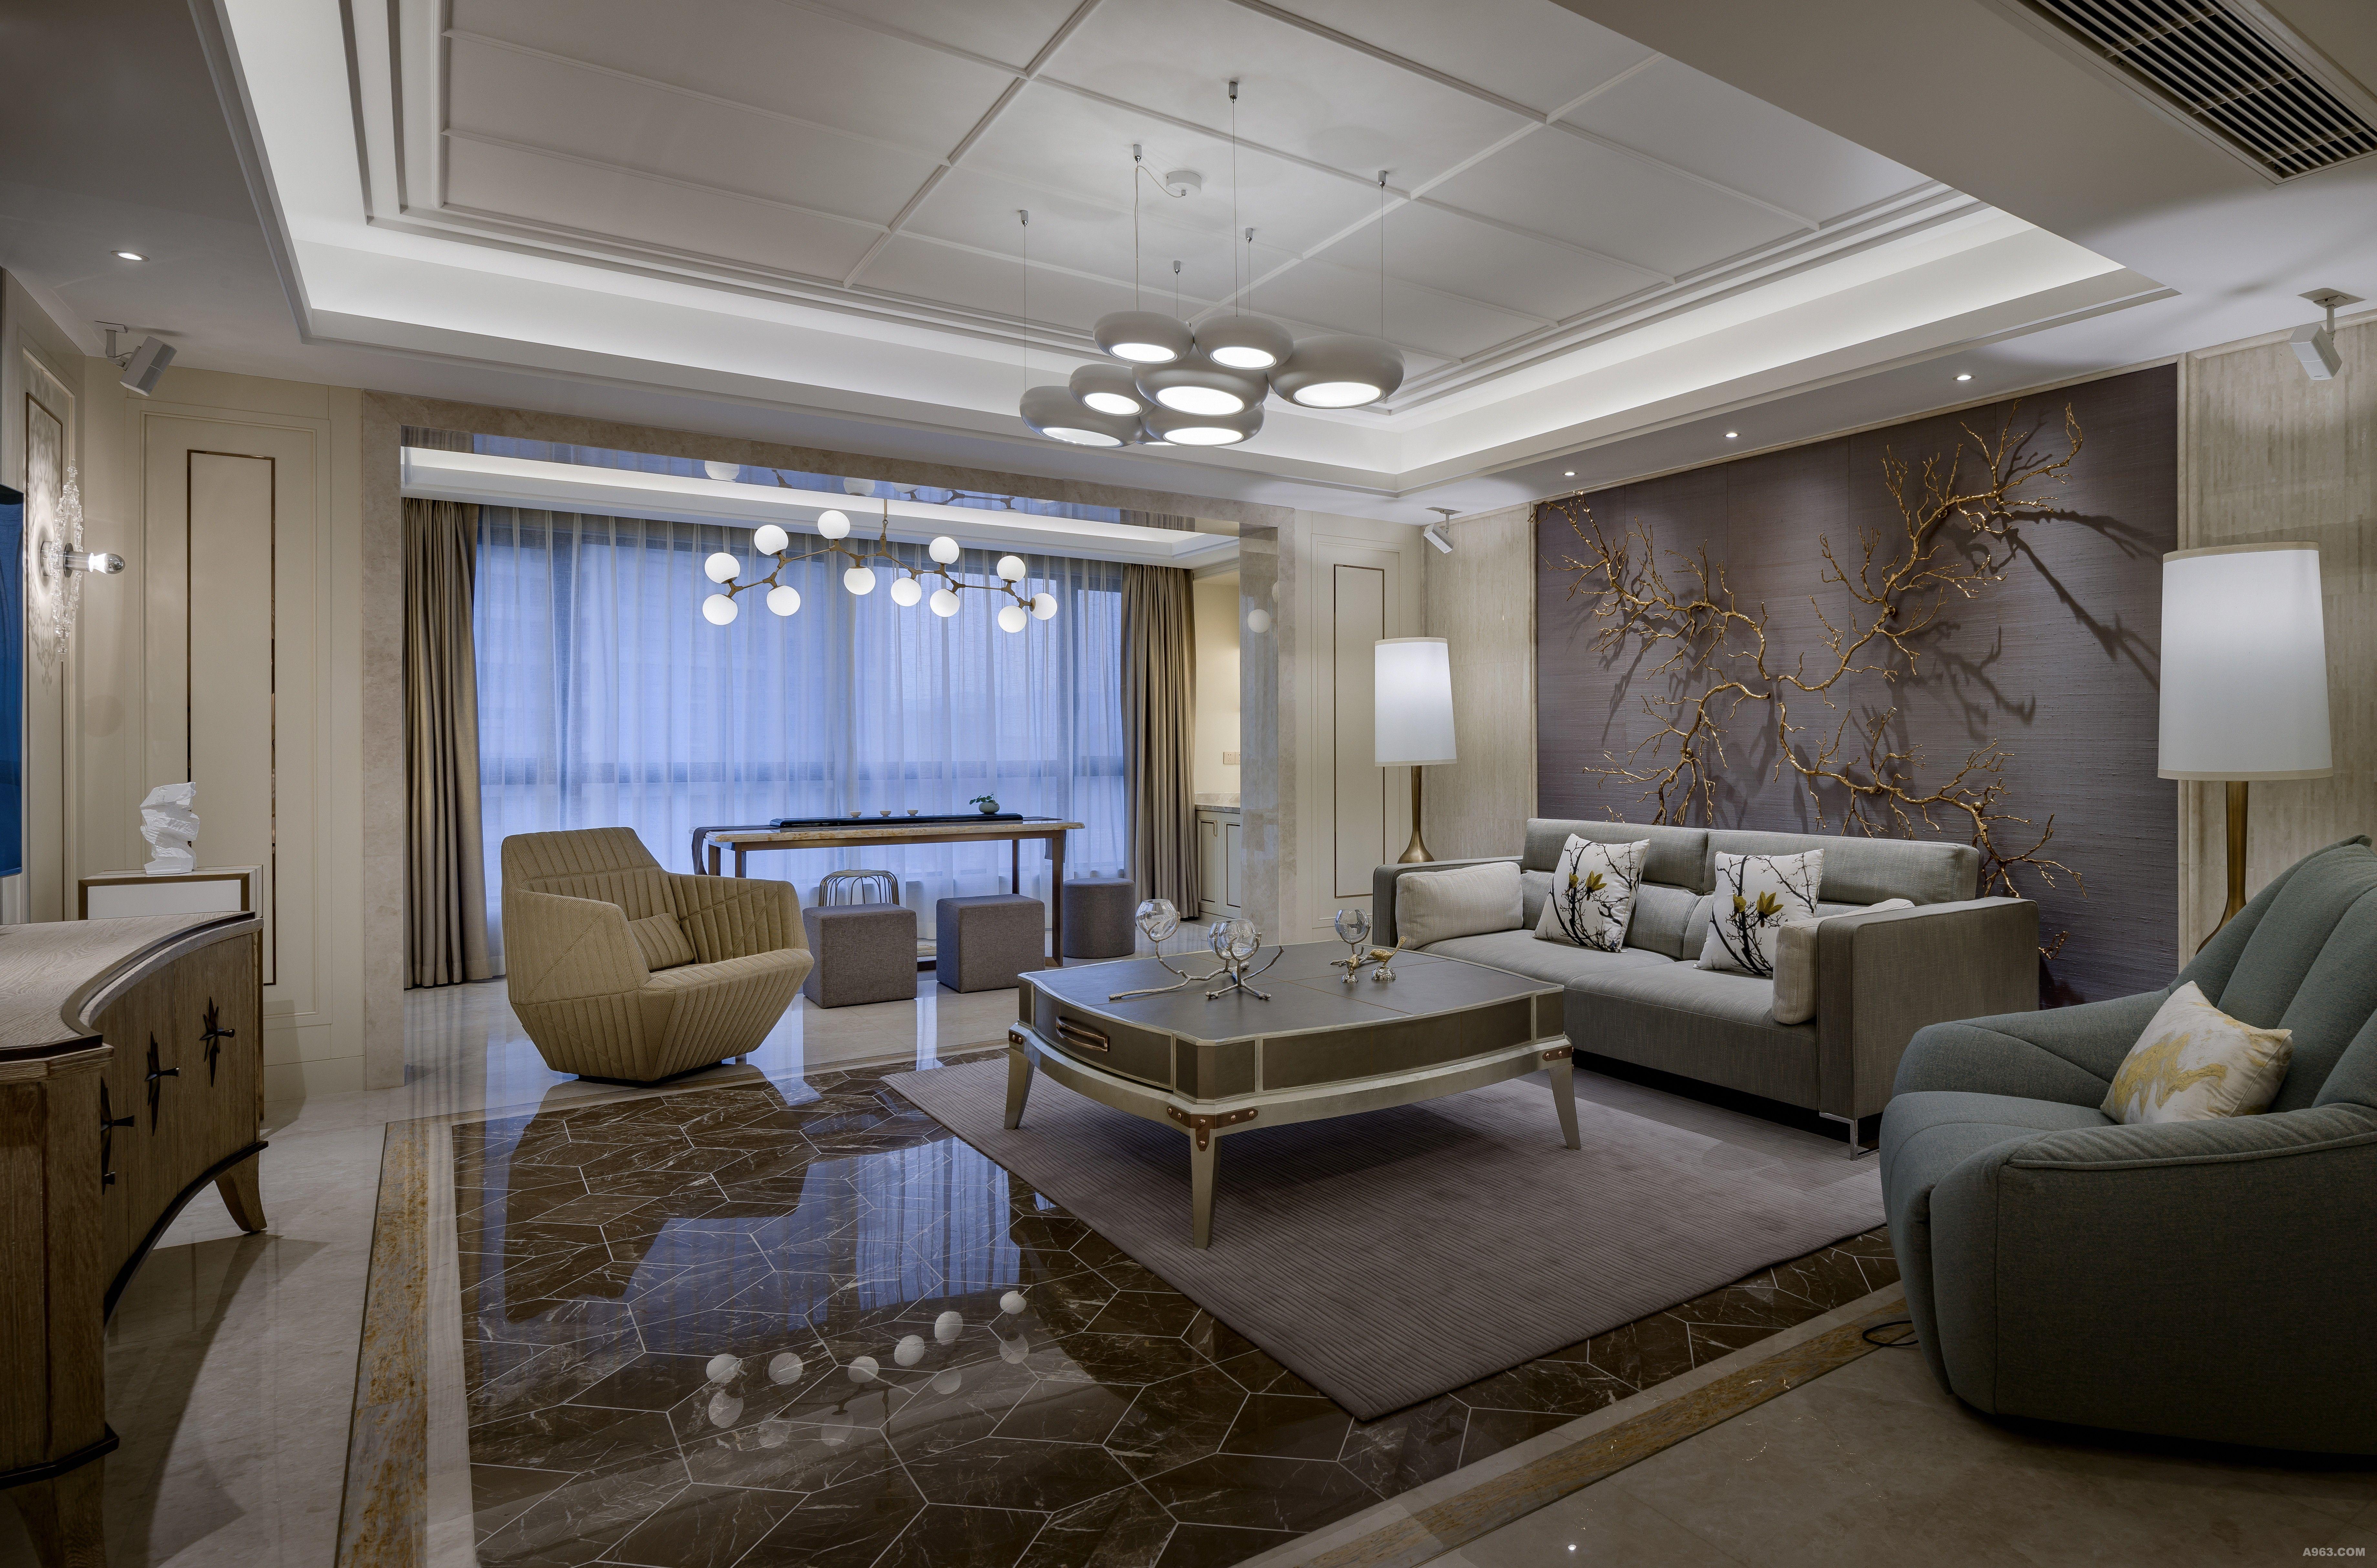 客厅巧妙地运用了材质的软化作用,设计师特意选用弧形圆线条的软装,平